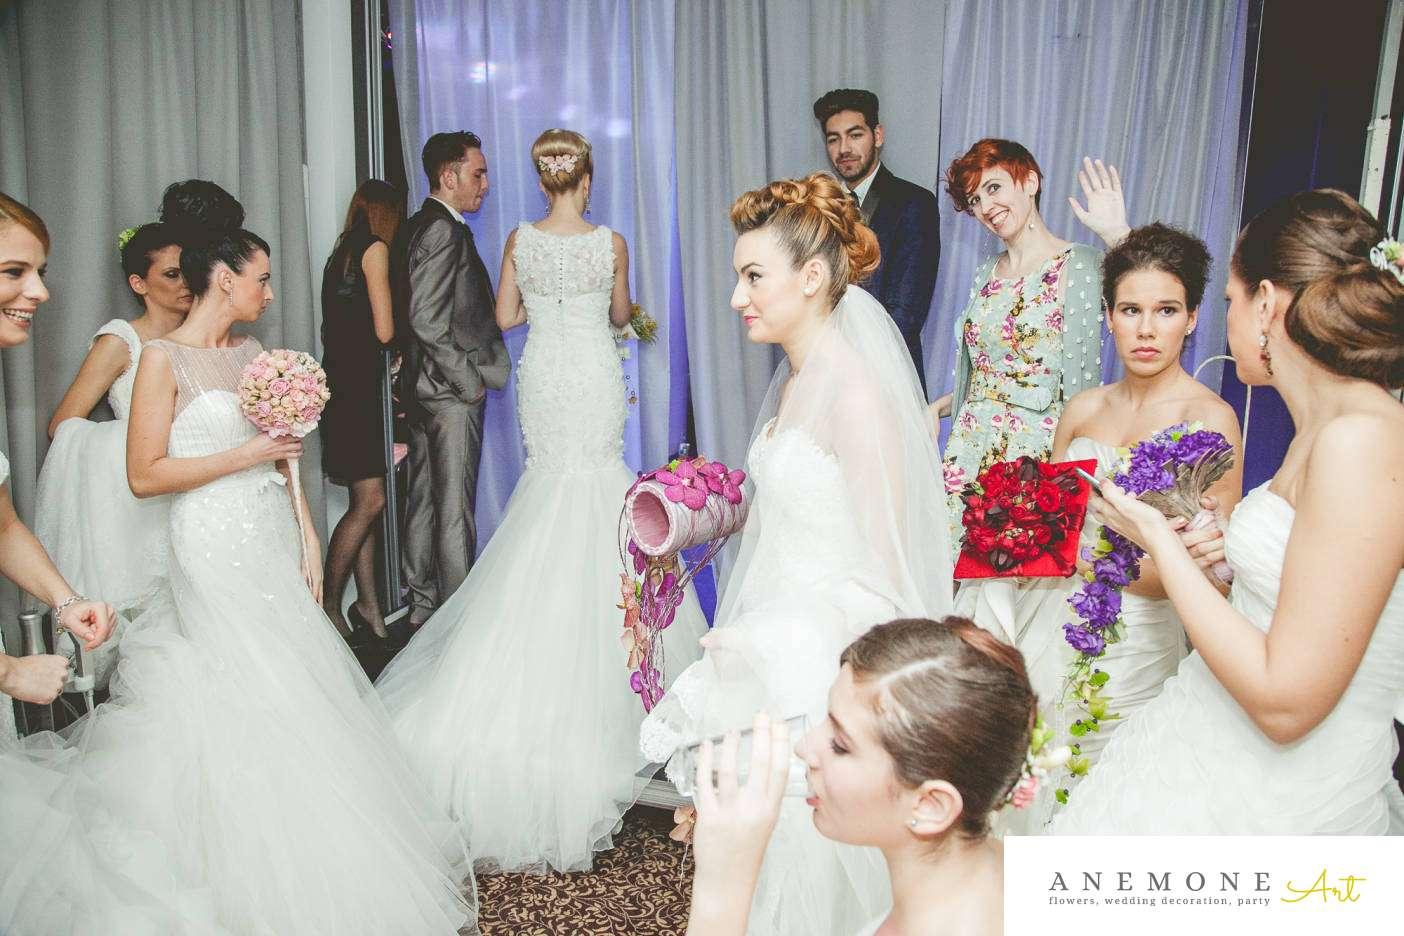 Poza, foto cu Flori de nunta buchet mireasa in Arad, Timisoara, Oradea (wedding flowers, bouquets) nunta Arad, Timisoara, Oradea